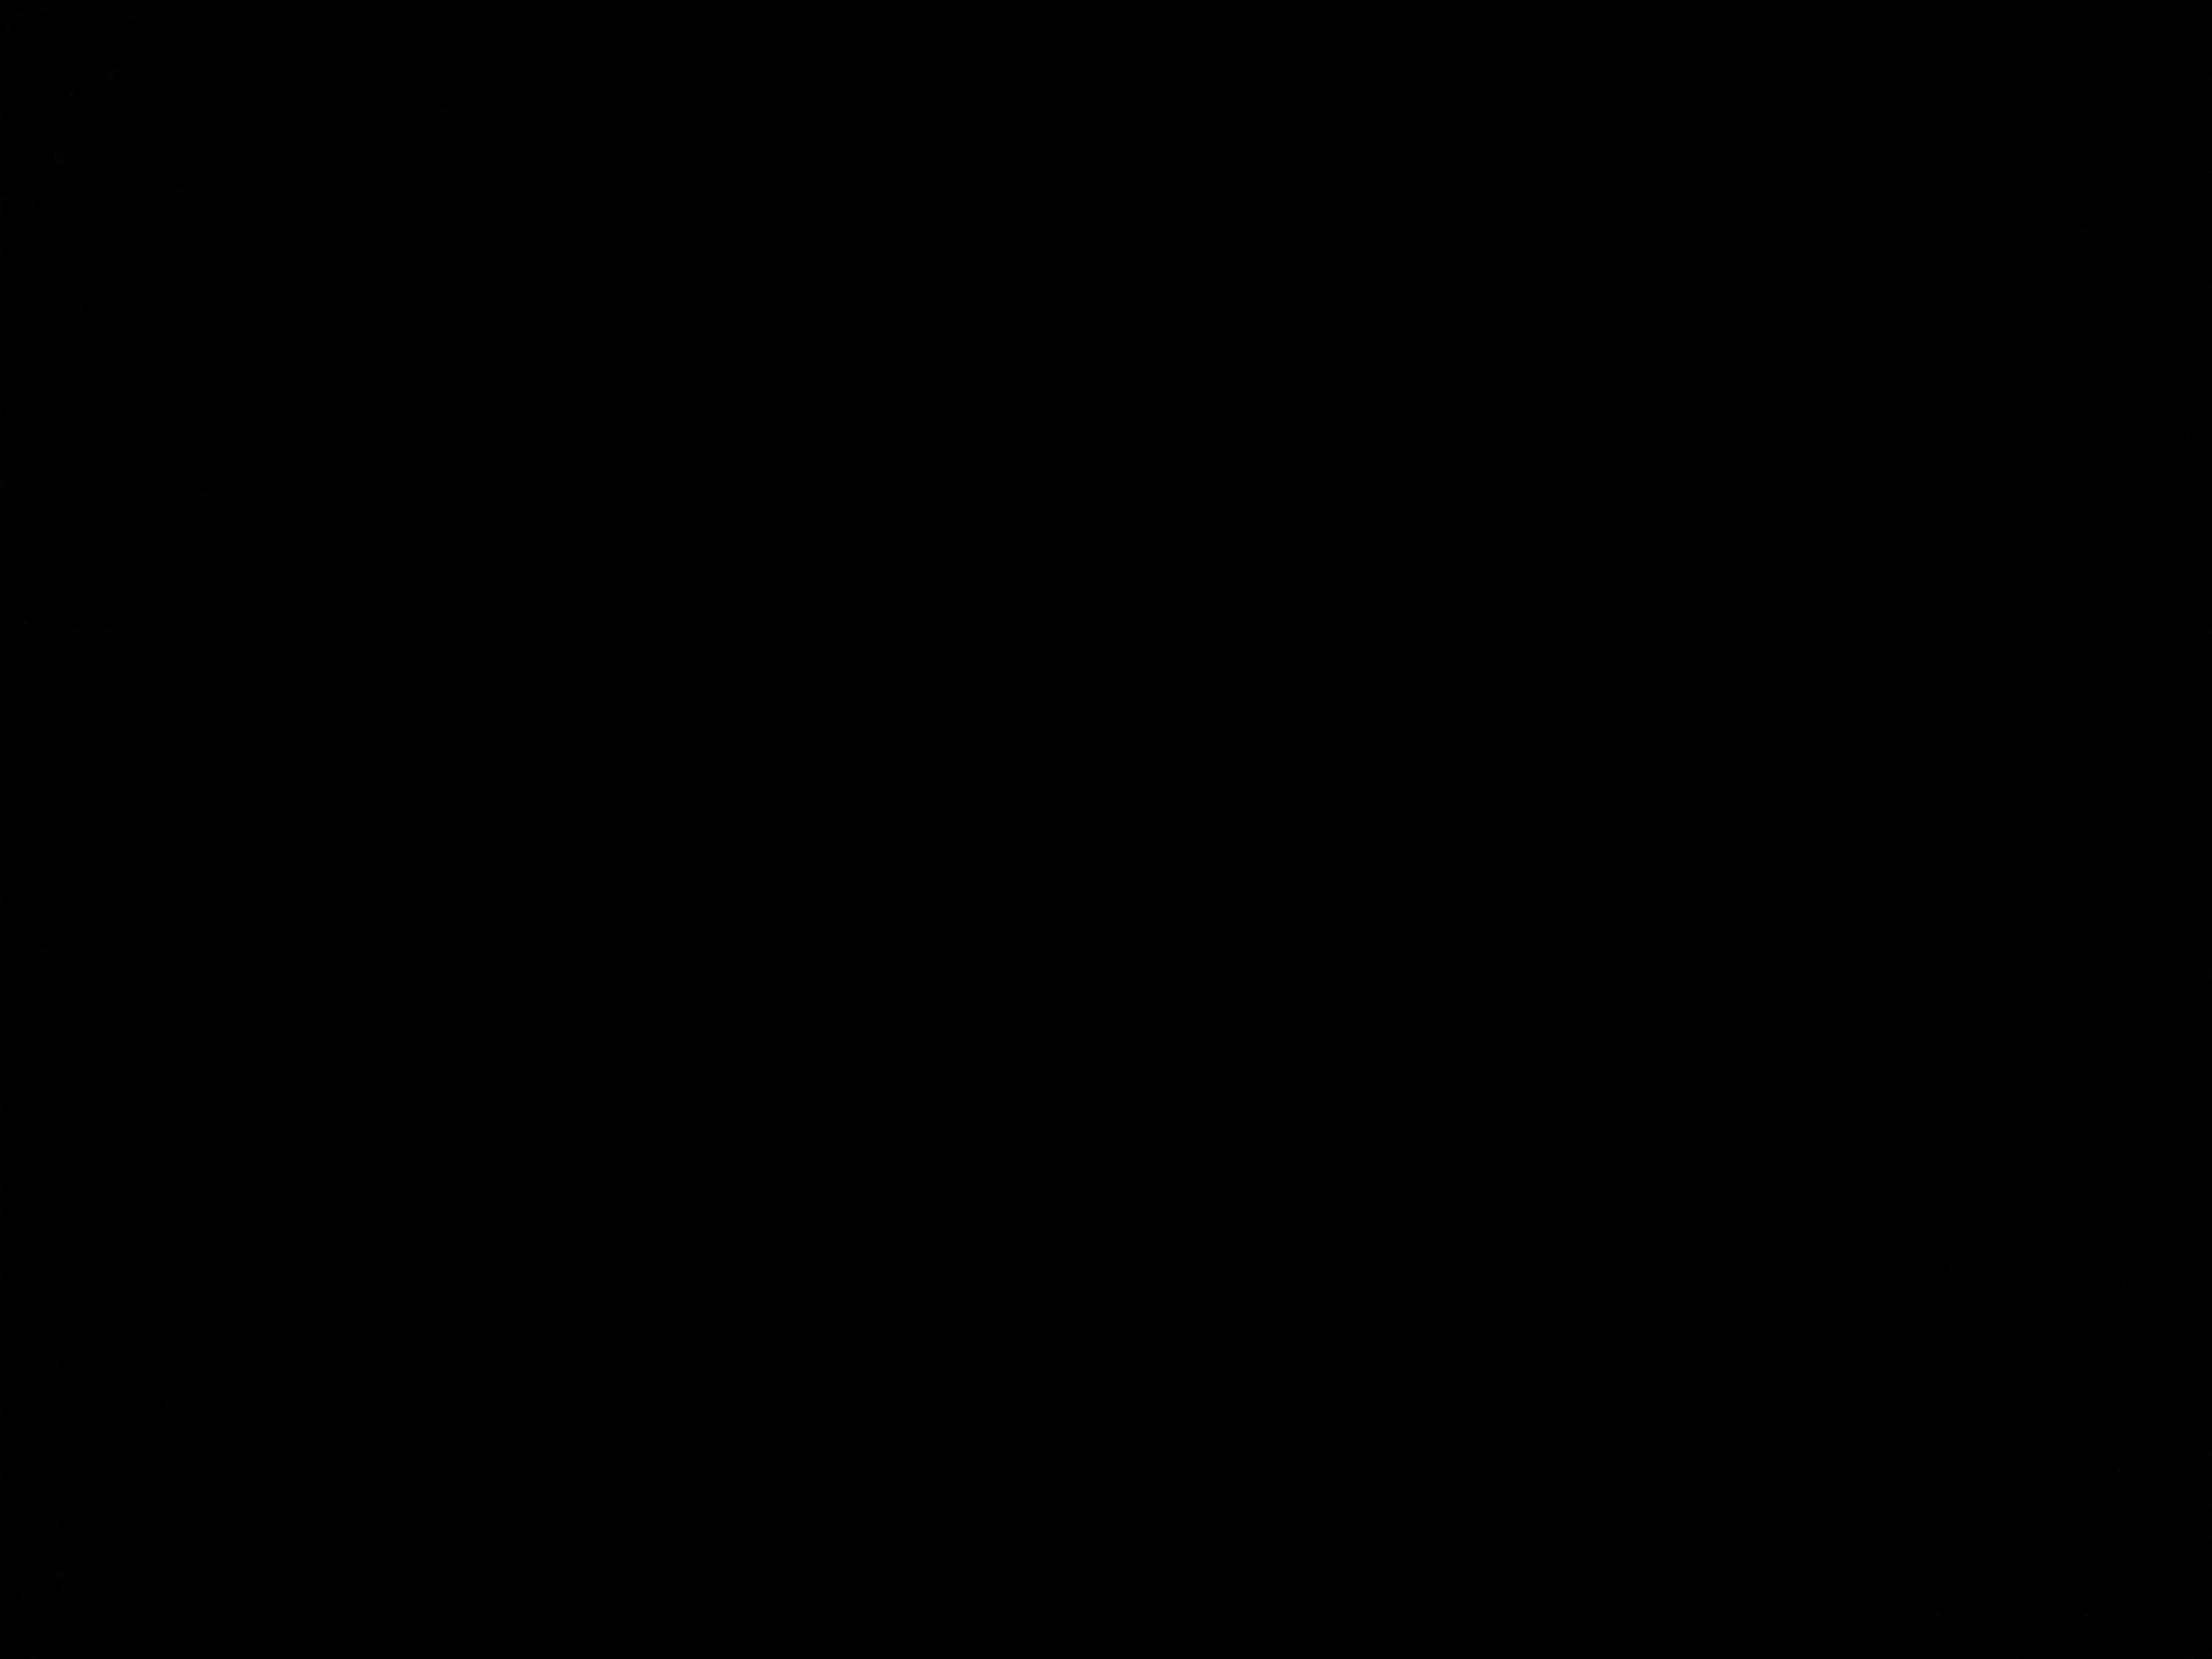 buuusra